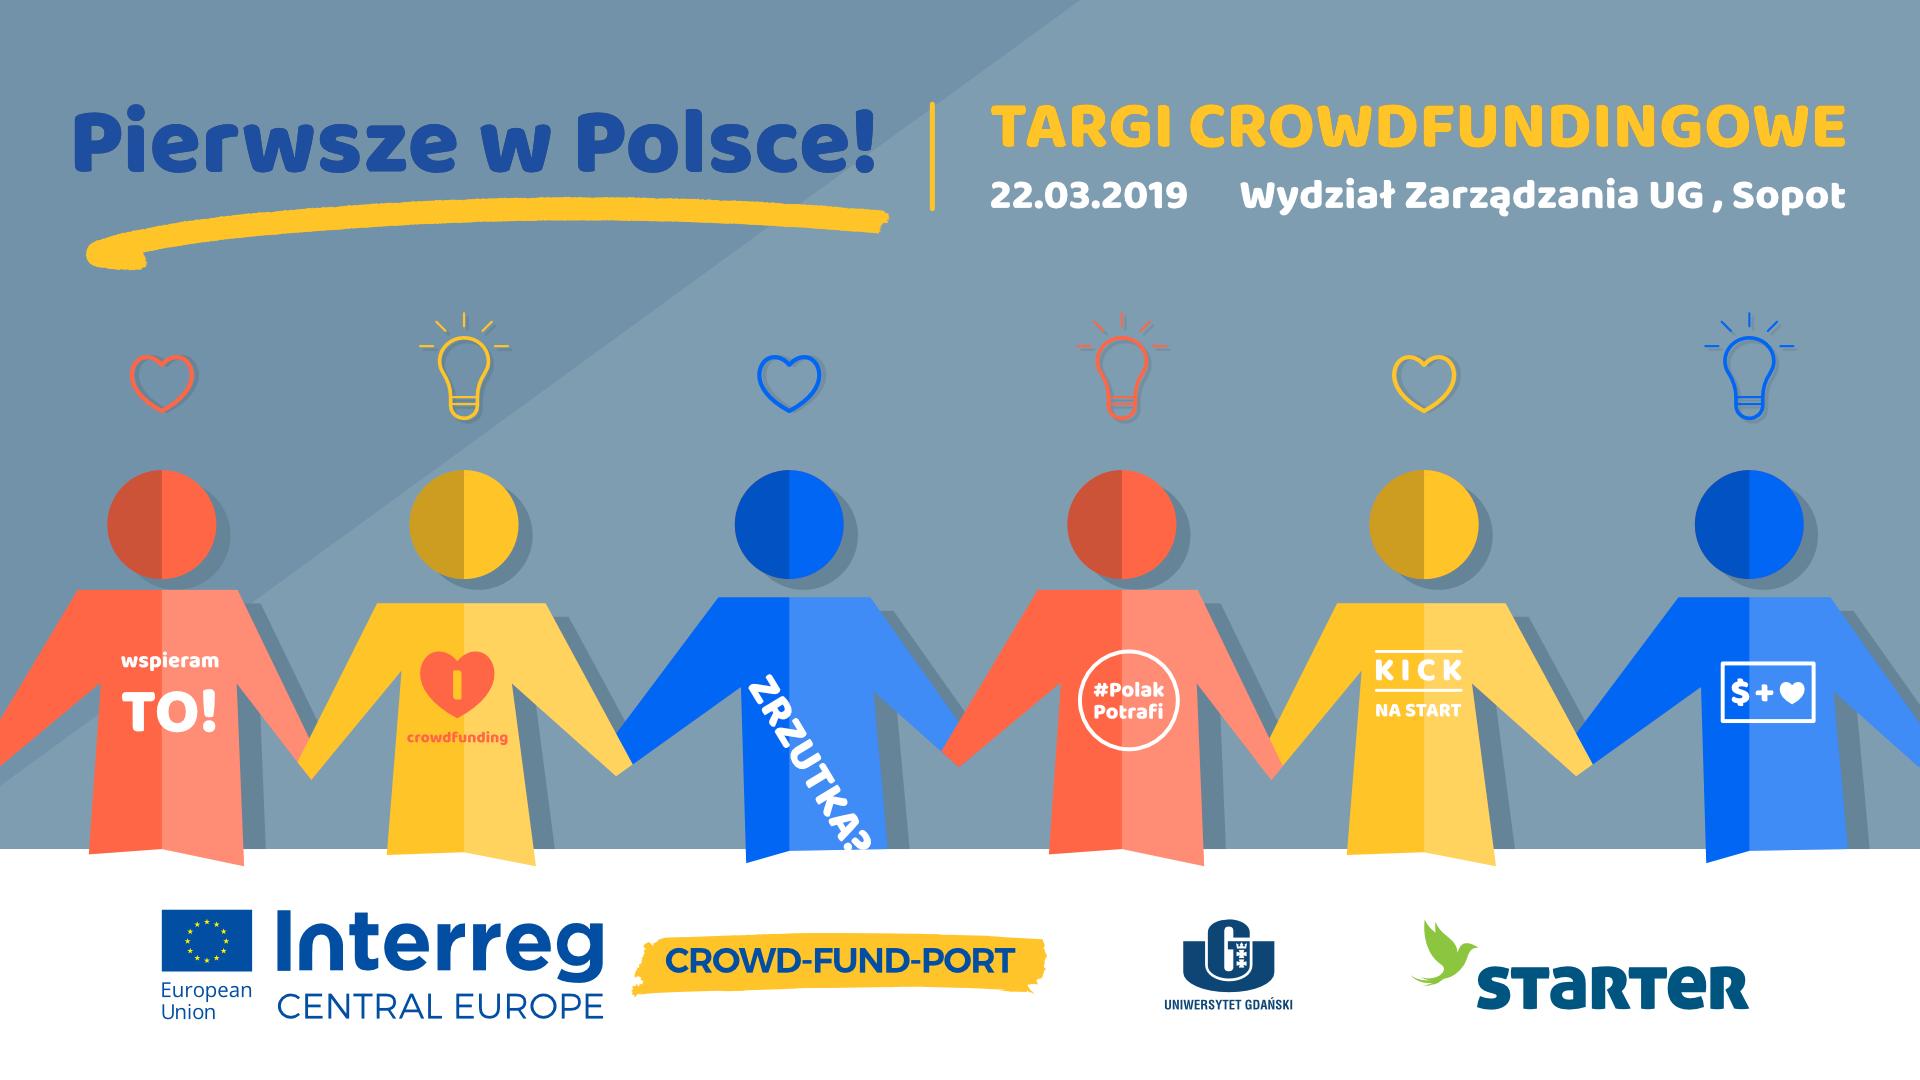 Pierwsze w Polsce Targi Crowdfundingowe!